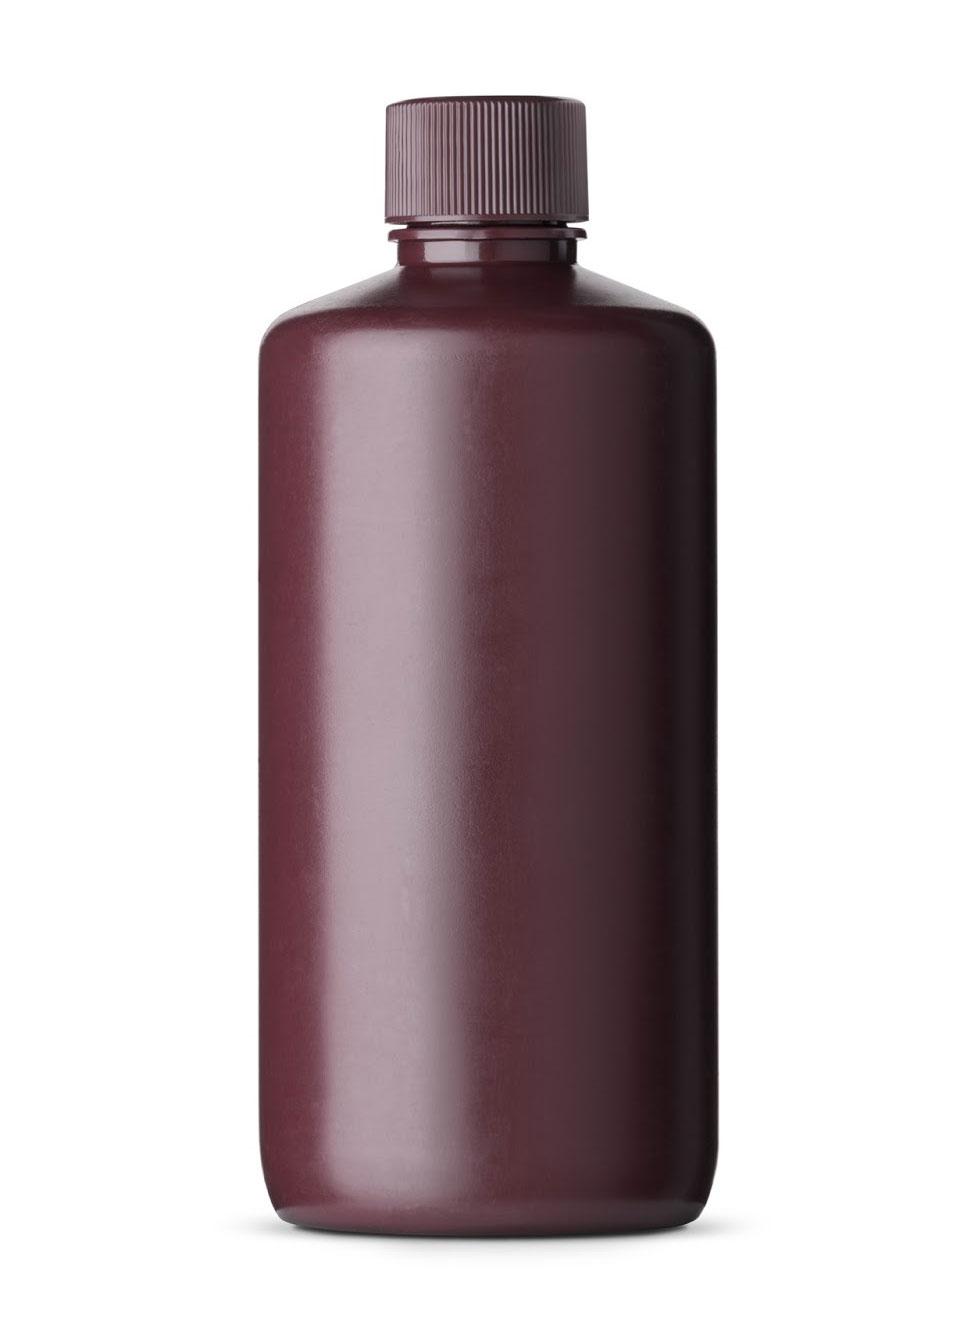 Leak Resistant Bottles